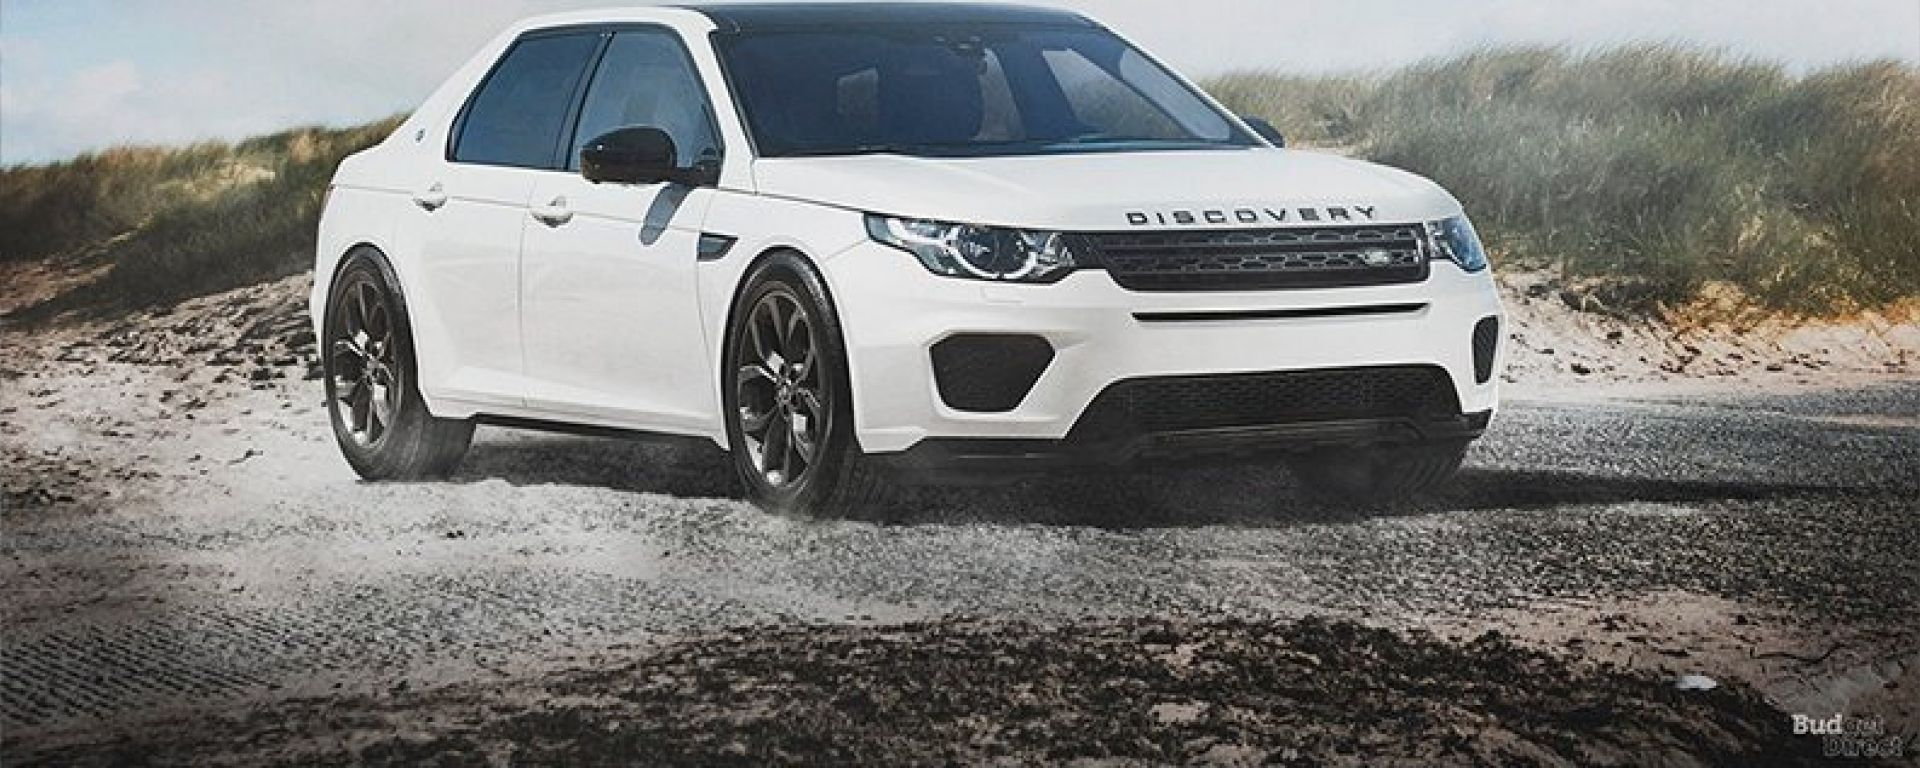 Land Rover Discovery sedan: il 3/4 anteriore